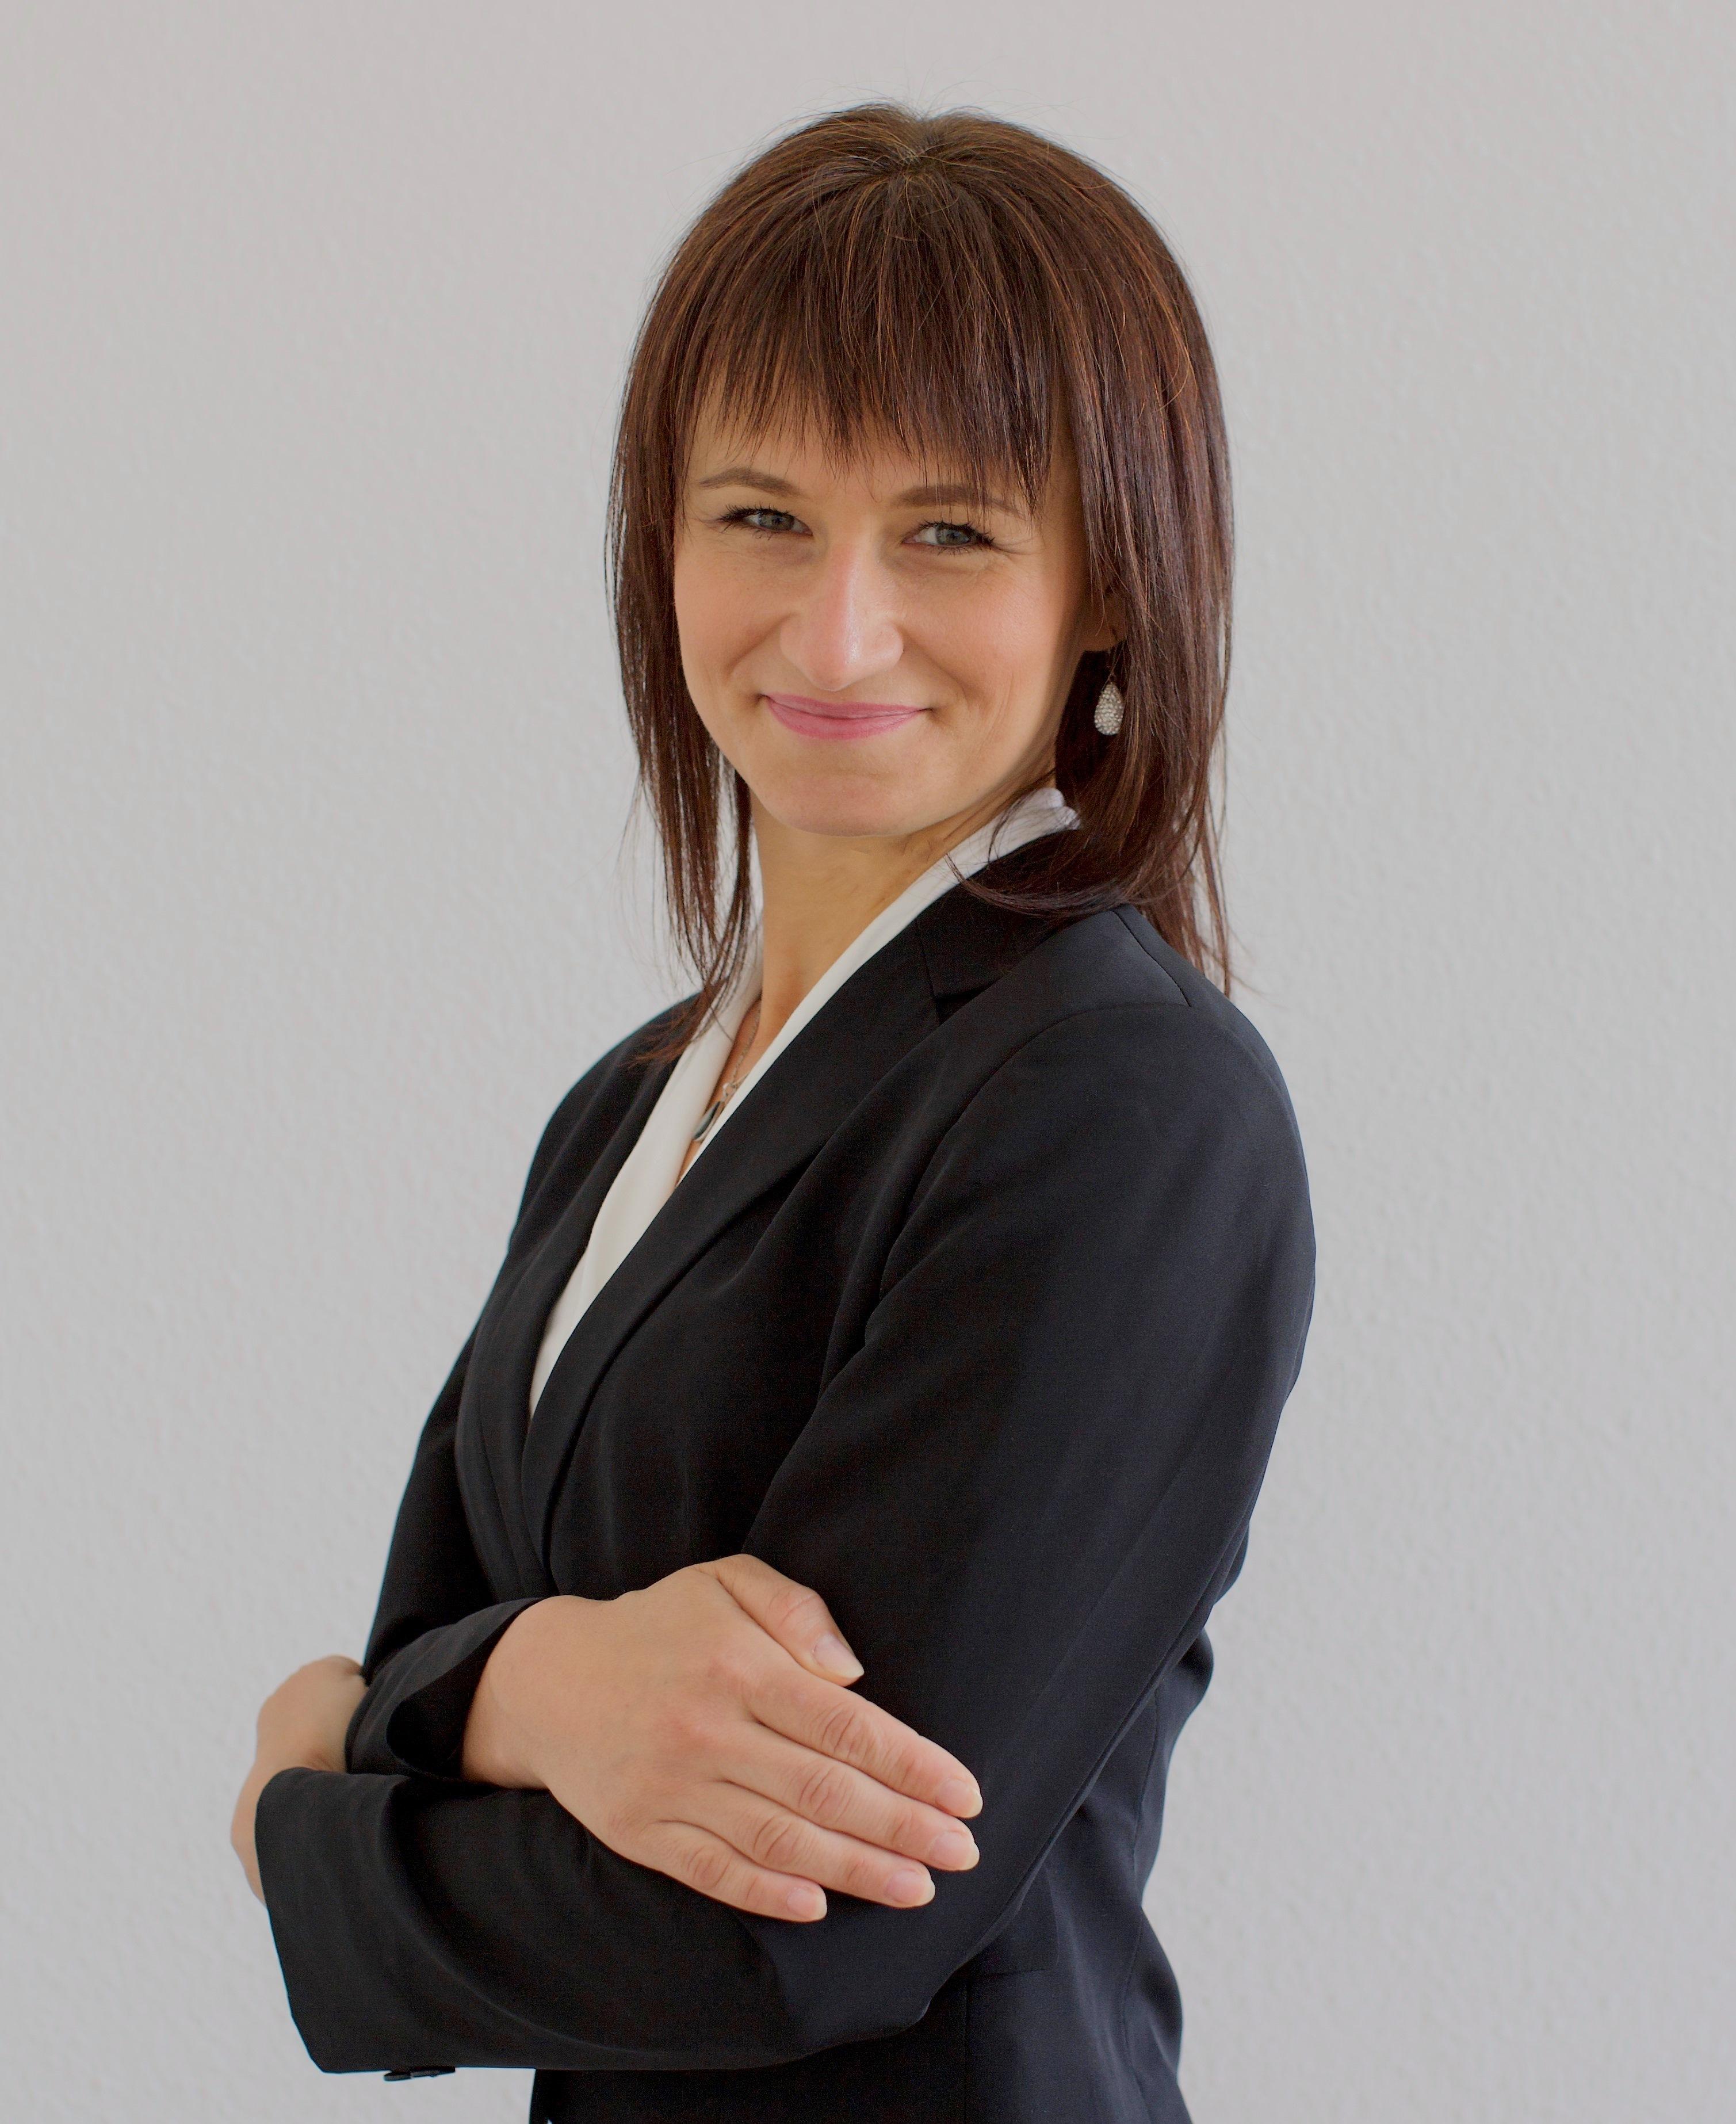 Ing. Ľuboslava Soglová